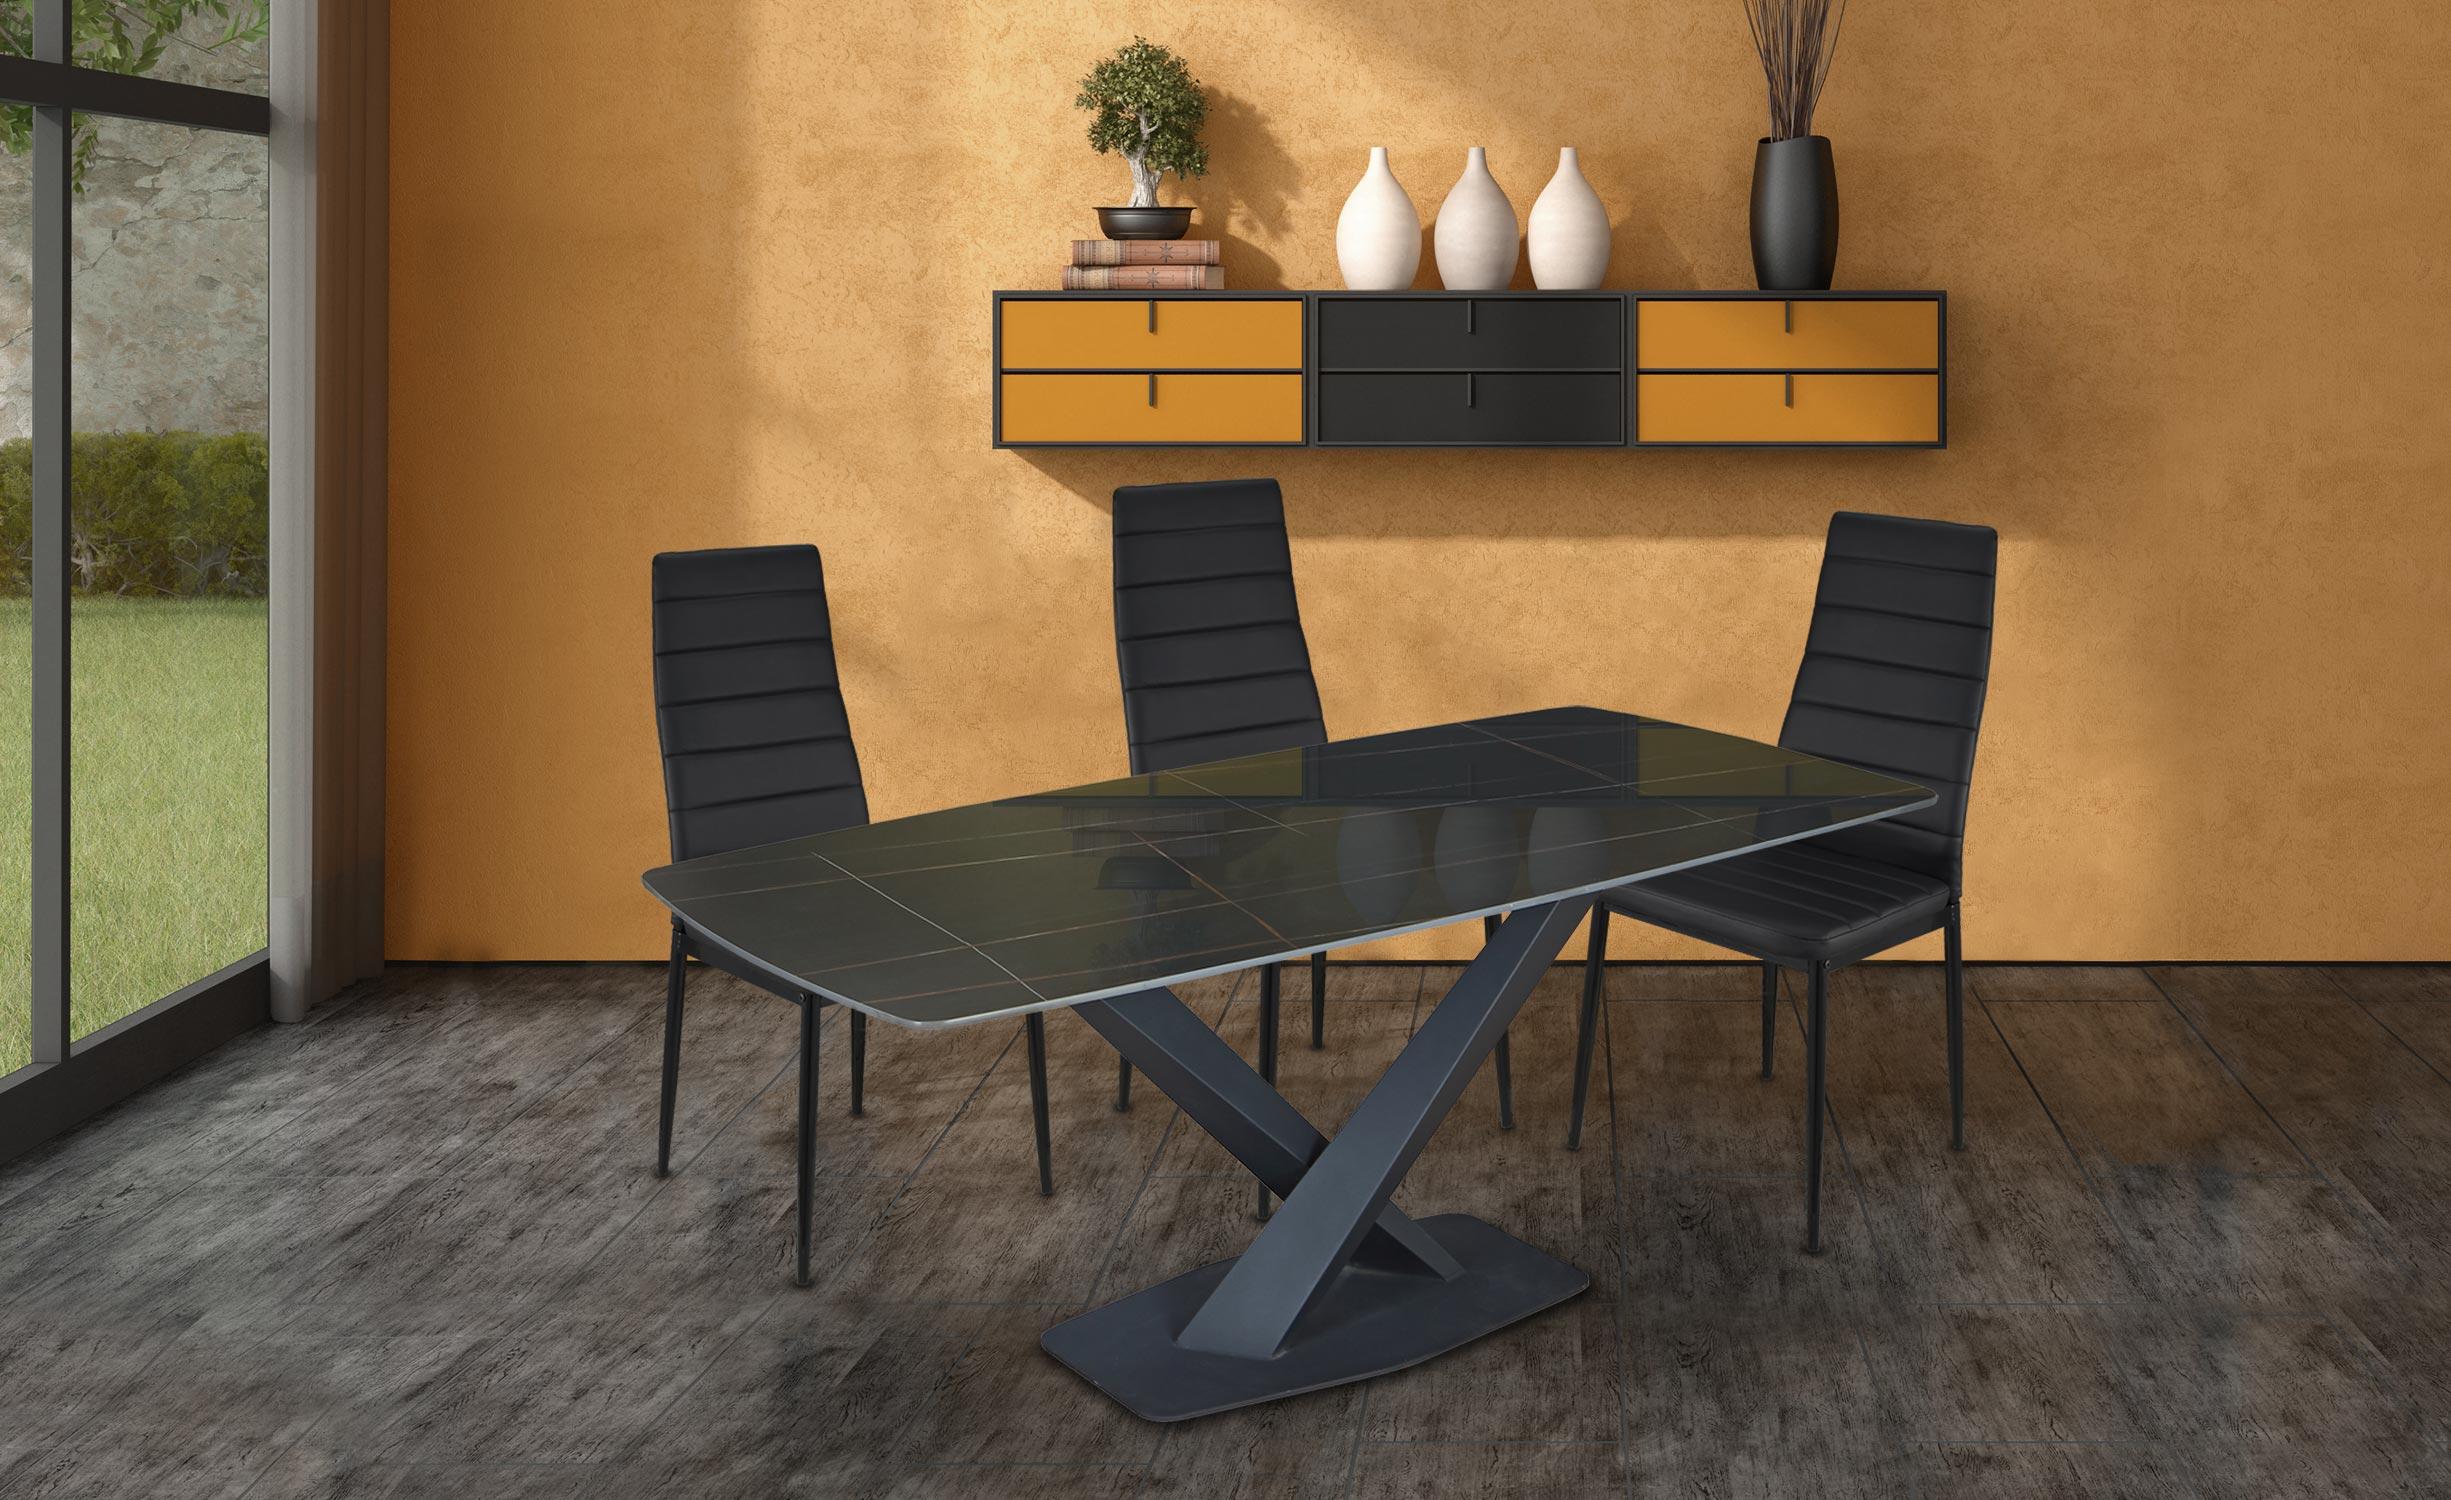 Axena Tisch aus schwarzem Glas